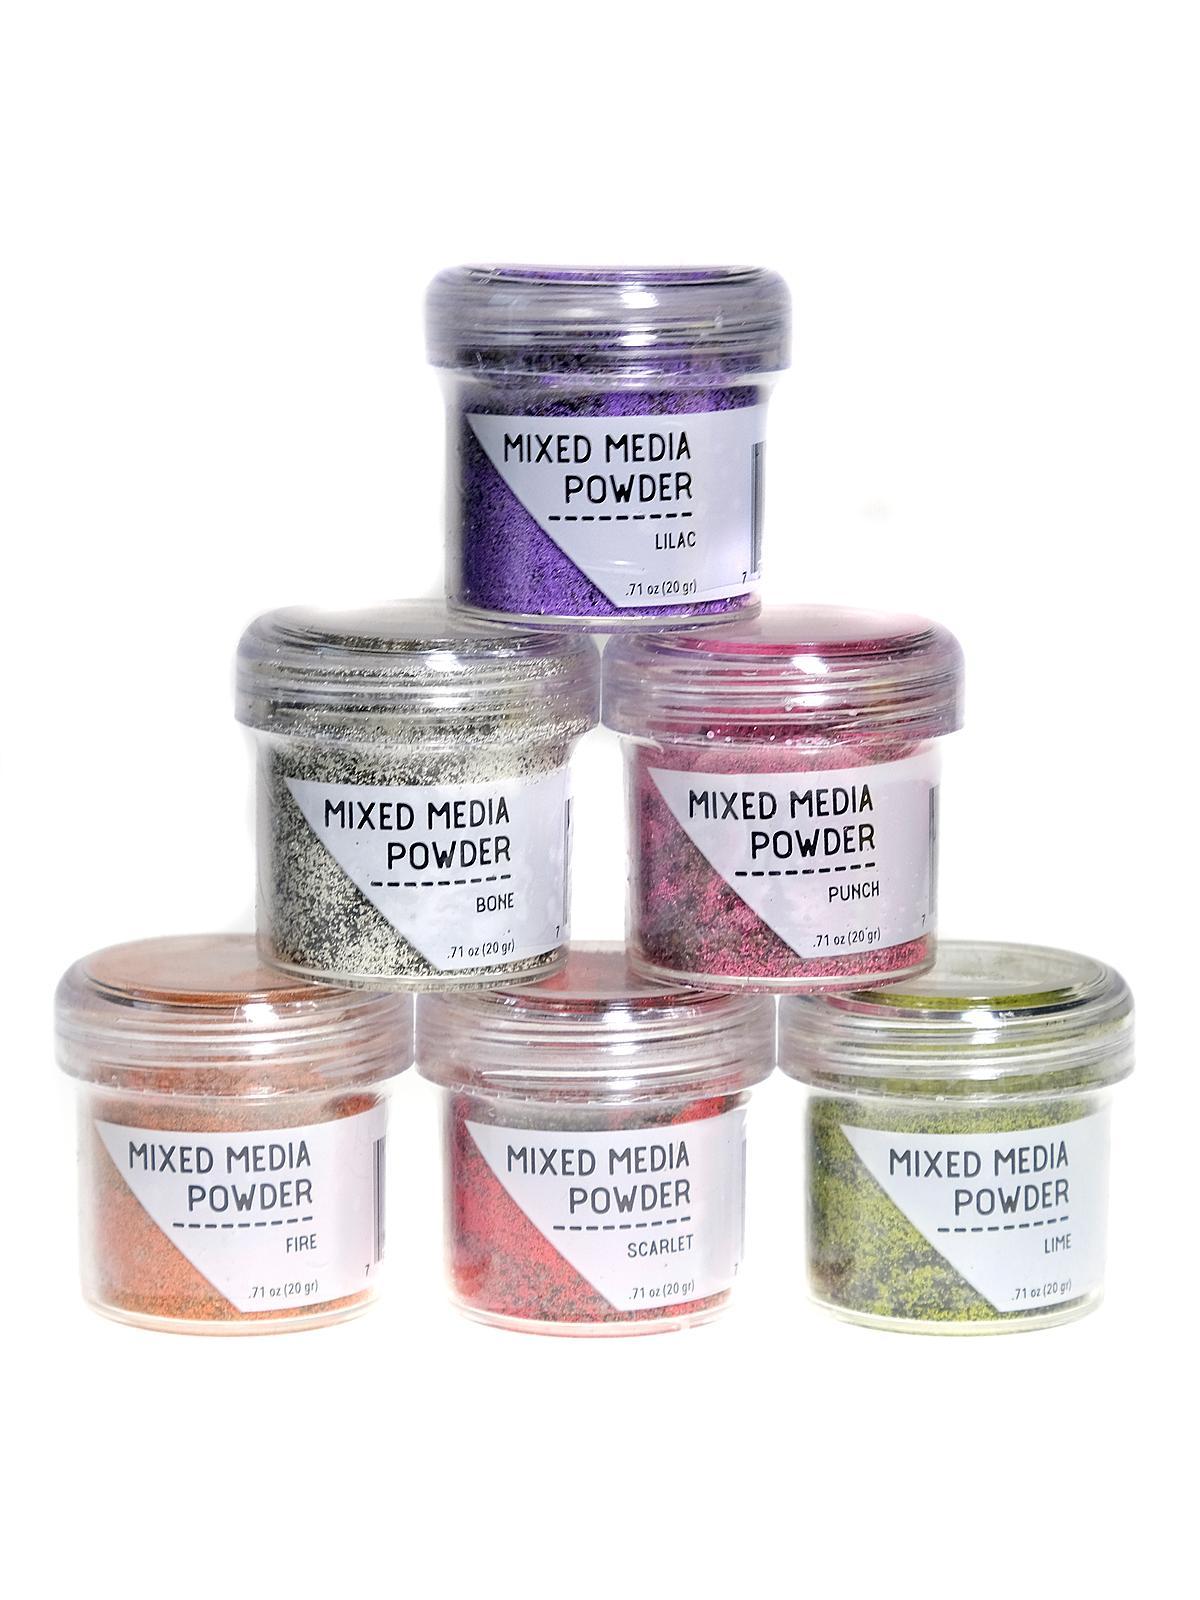 Mixed Media Powders